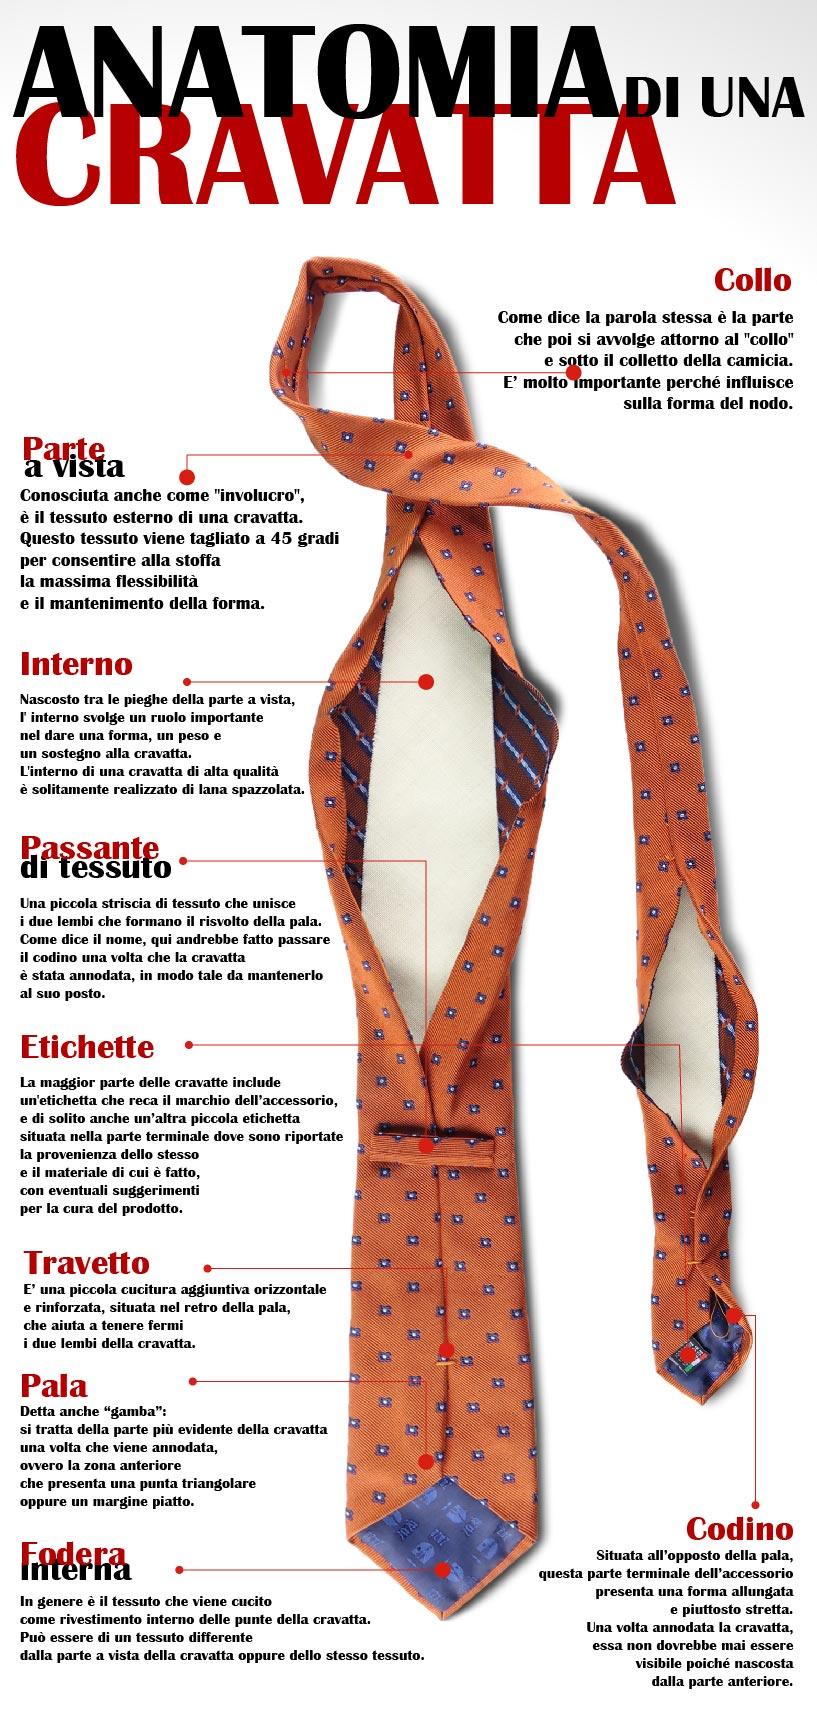 anatomia della cravatta